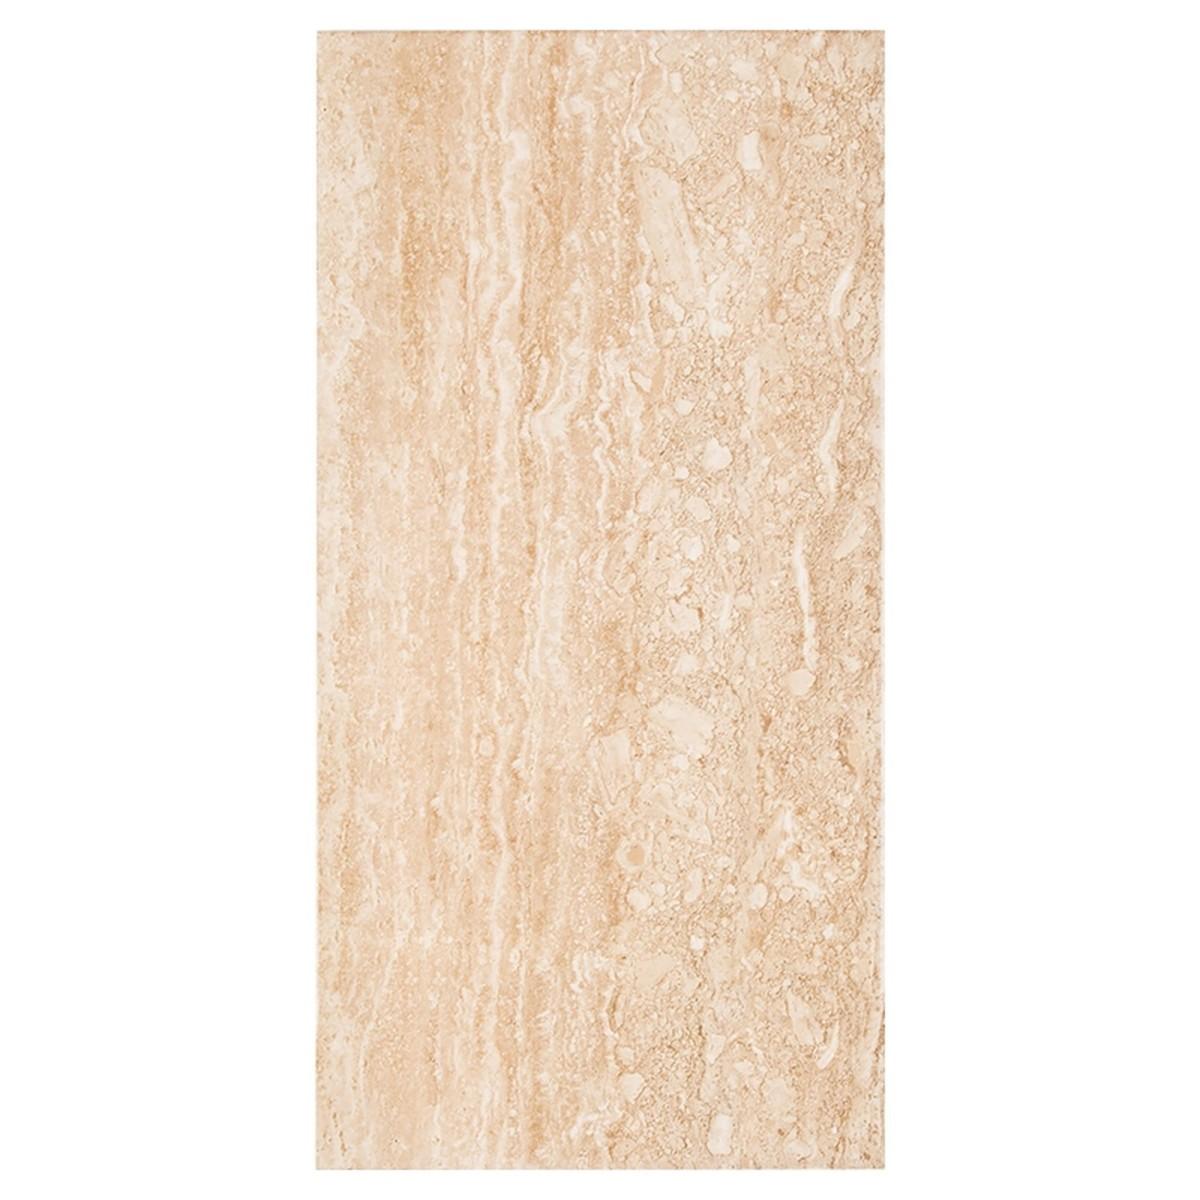 Плитка настенная Detroit Gris 20х60 см цвет серый 144 м2